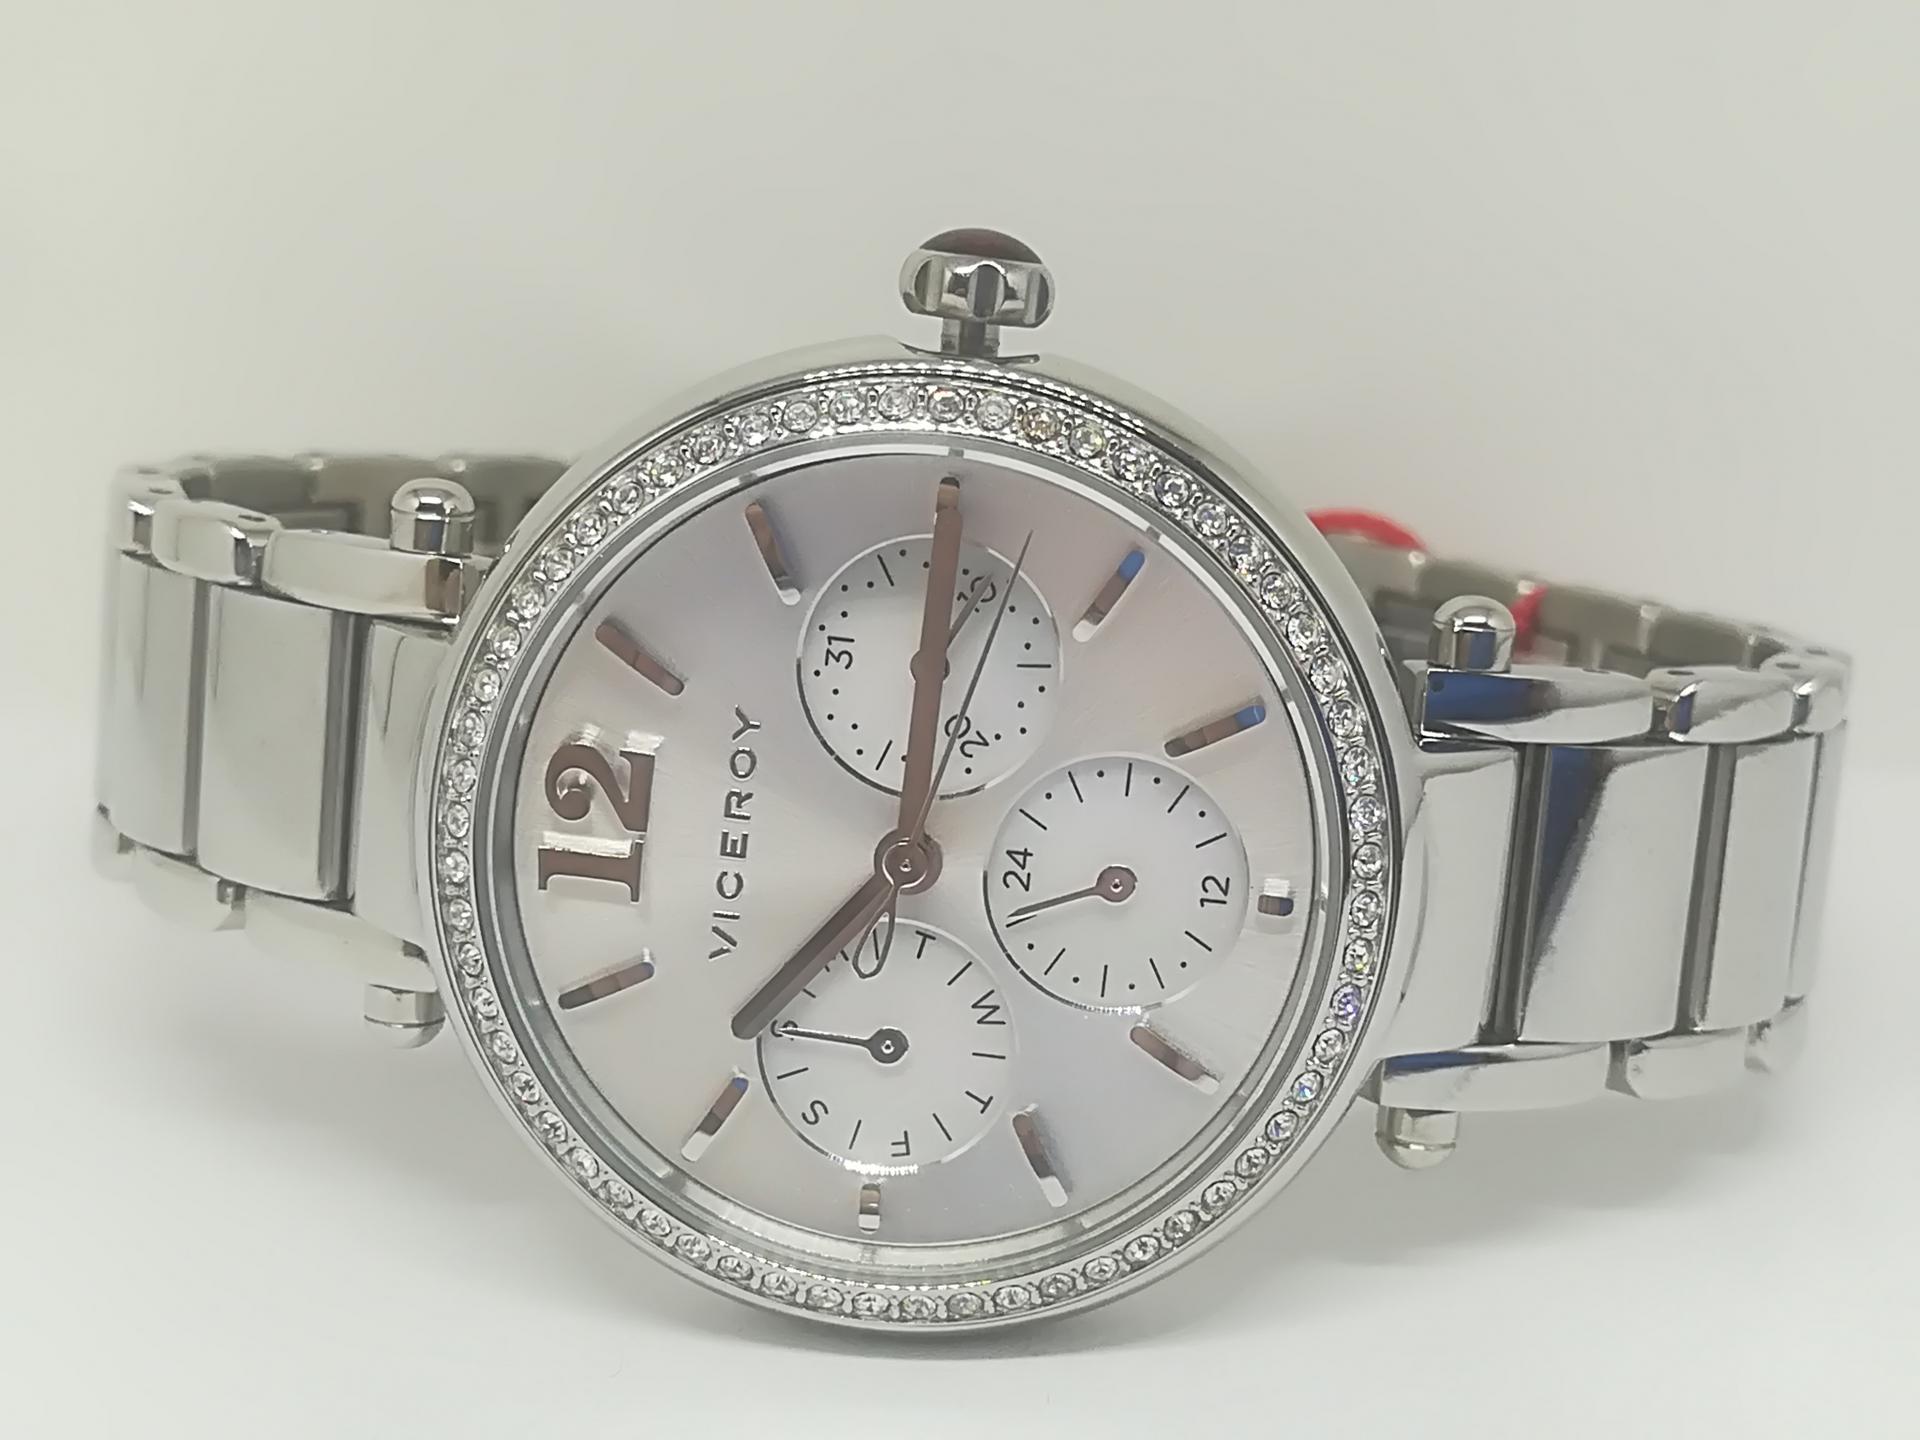 Reloj Viceroy Mujer Penelope Cruz 471055-15